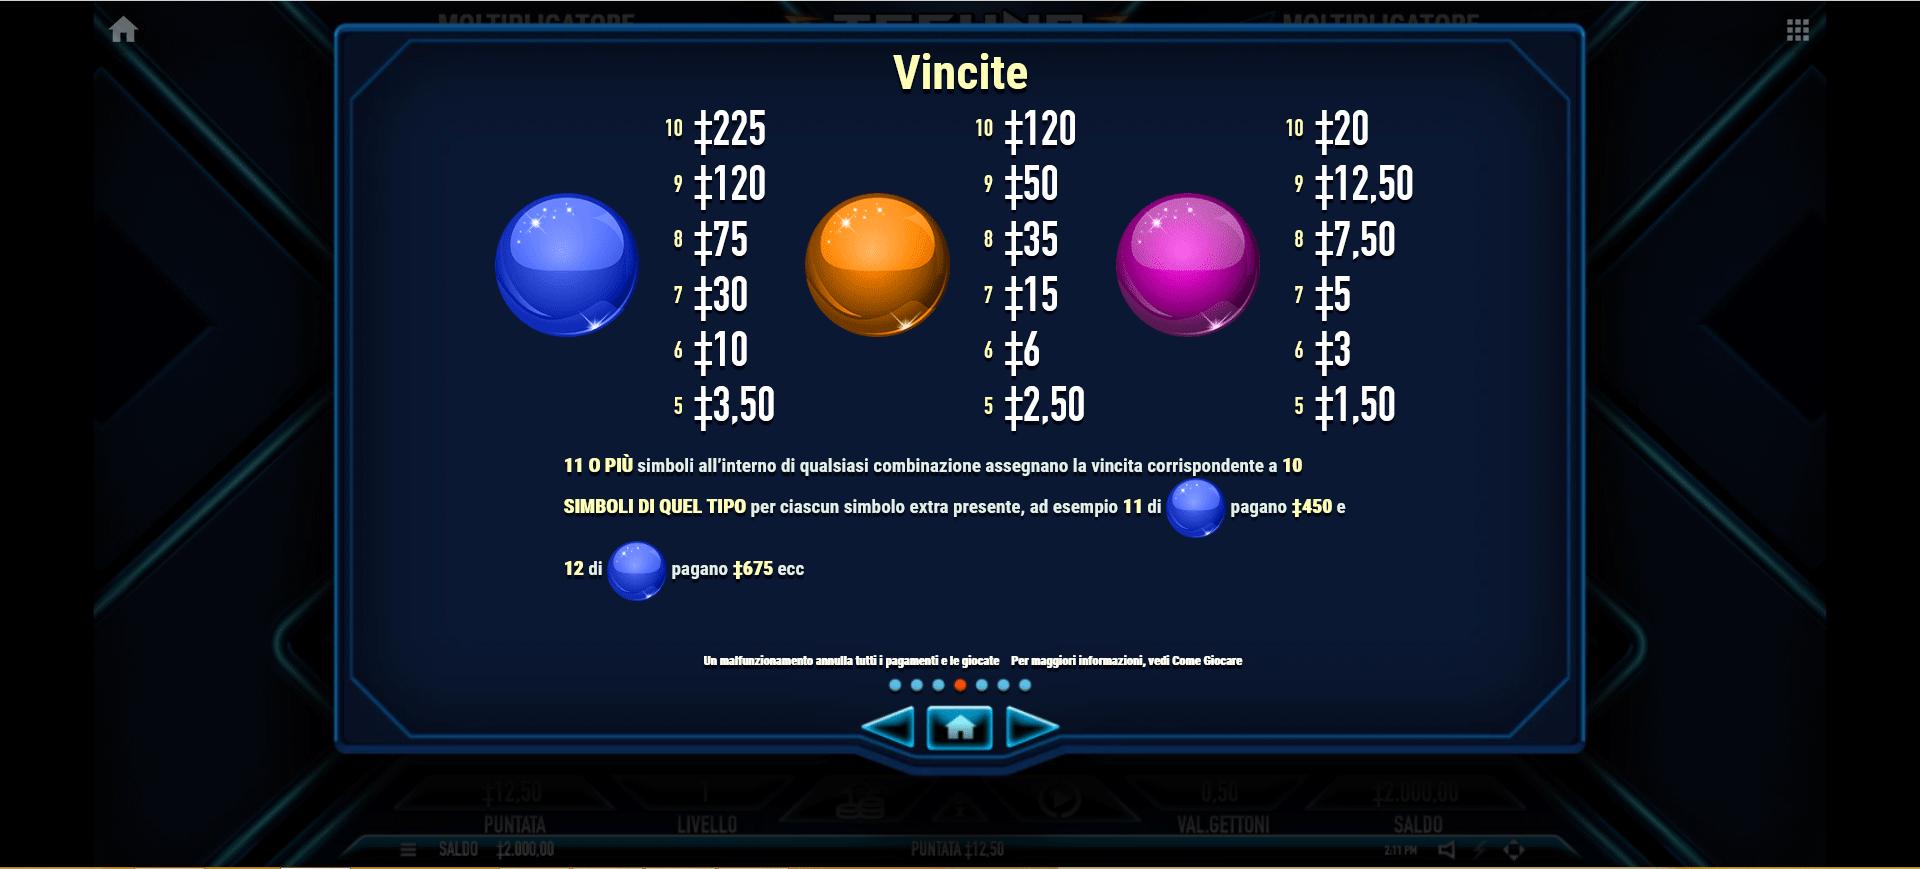 tabella dei pagamenti dei simboli della slot machine techno tumble